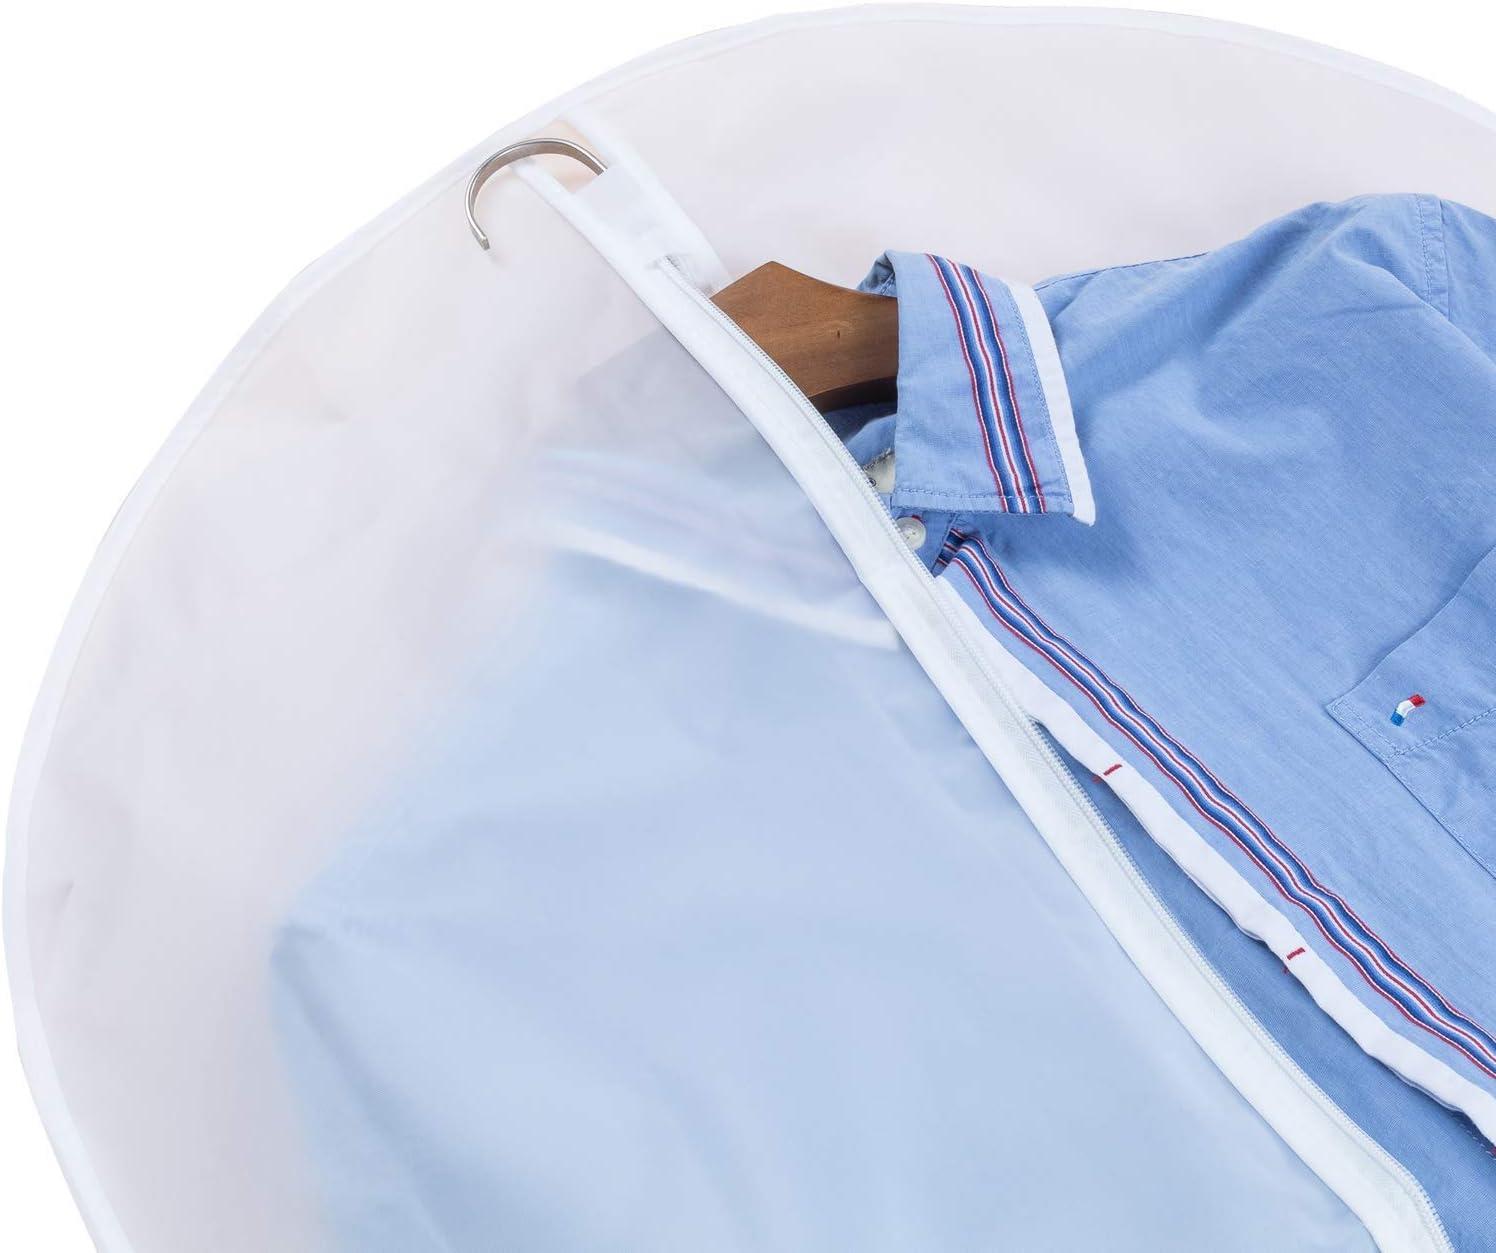 Confezione da 3 24x 31 Avril Tian Borsa Porta Abiti a Prova di Falena per Cappotti Invernali lunghi Abito da Sposa Abito da Ballo Deposito Armadio da Viaggio Copertura Antipolvere